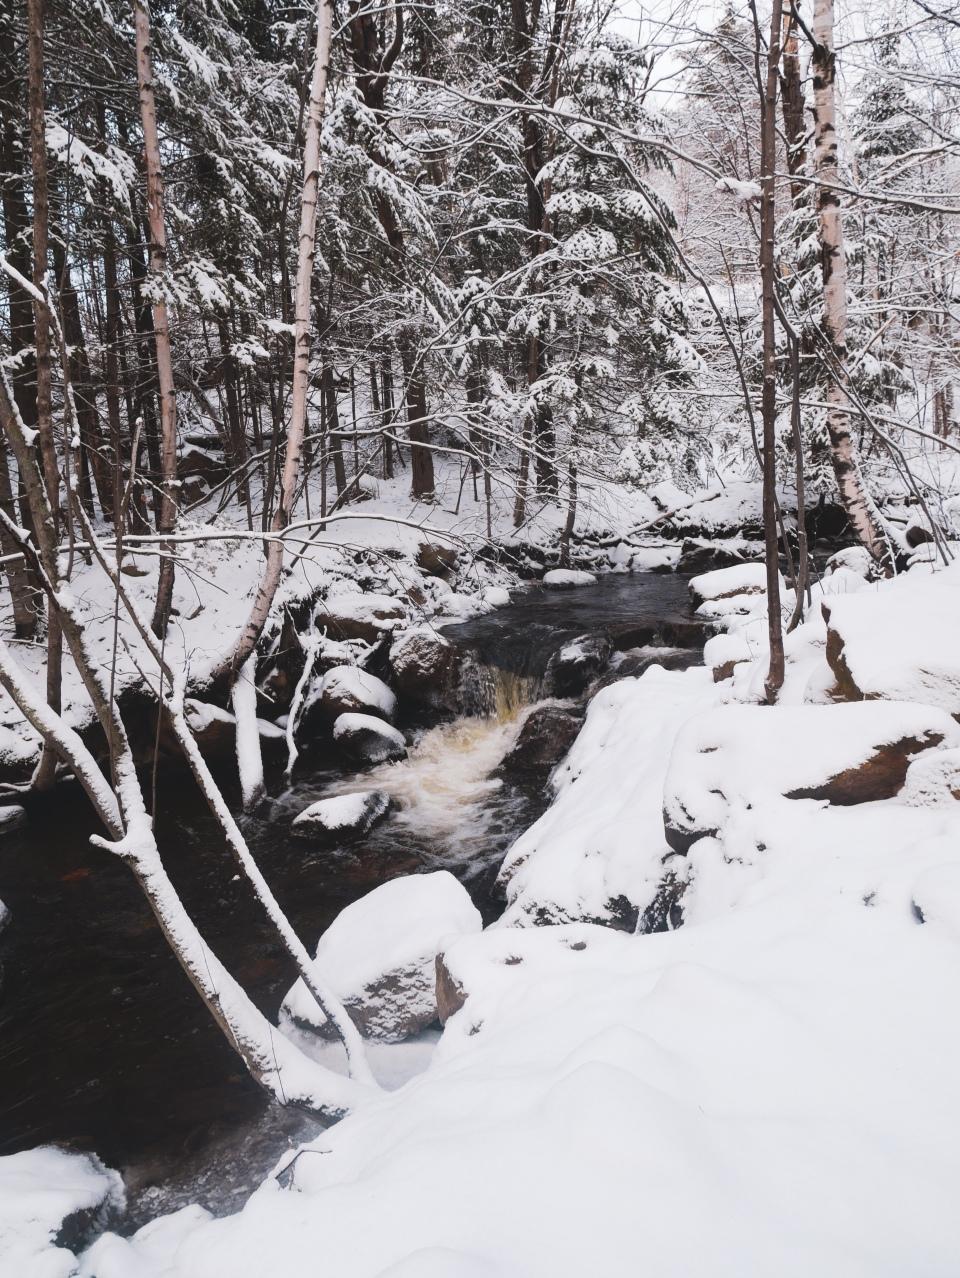 Forêt de Mont-Tremblant enneigée - L'Hiver à Montréal, Canada - Blog Voyage Ma Folie Vagabonde